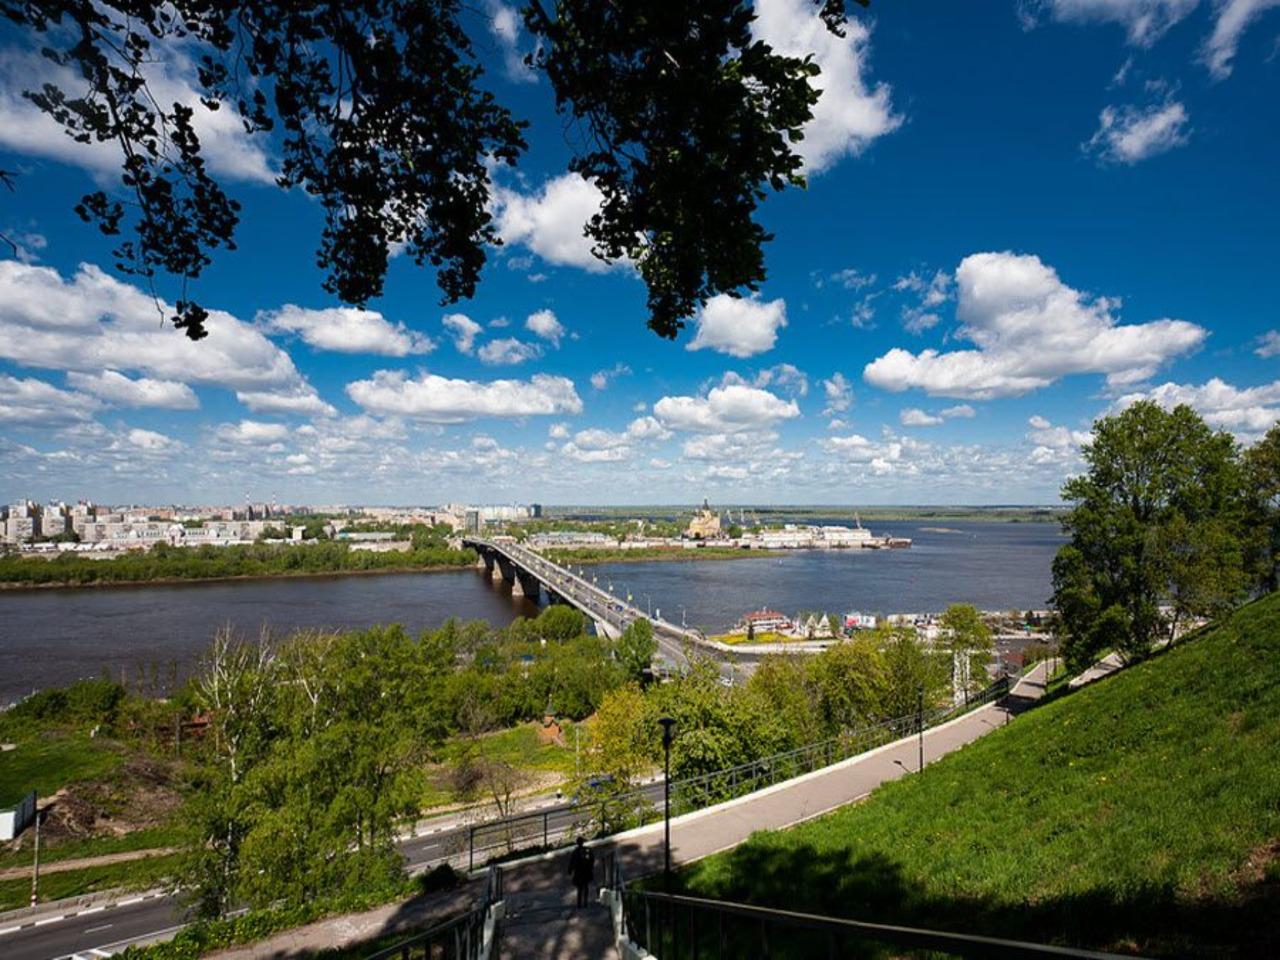 Дороги Започаинья - индивидуальная экскурсия по Нижнему Новгороду от опытного гида